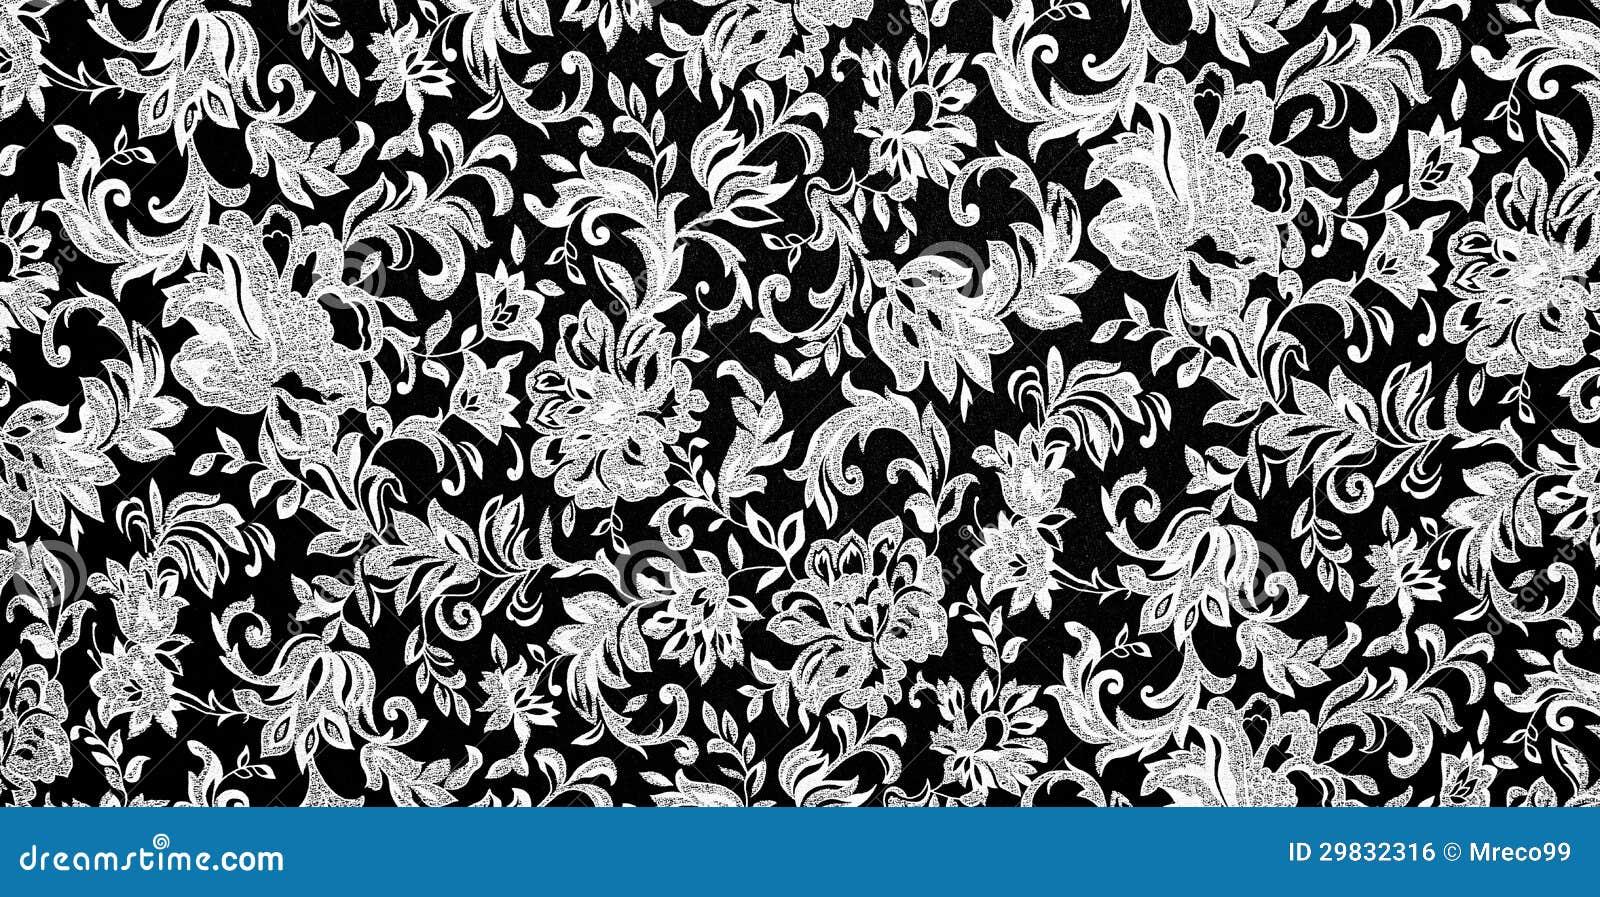 Black And White Floral Pattern Wallpaper: Fundo Preto E Branco Floral Foto De Stock